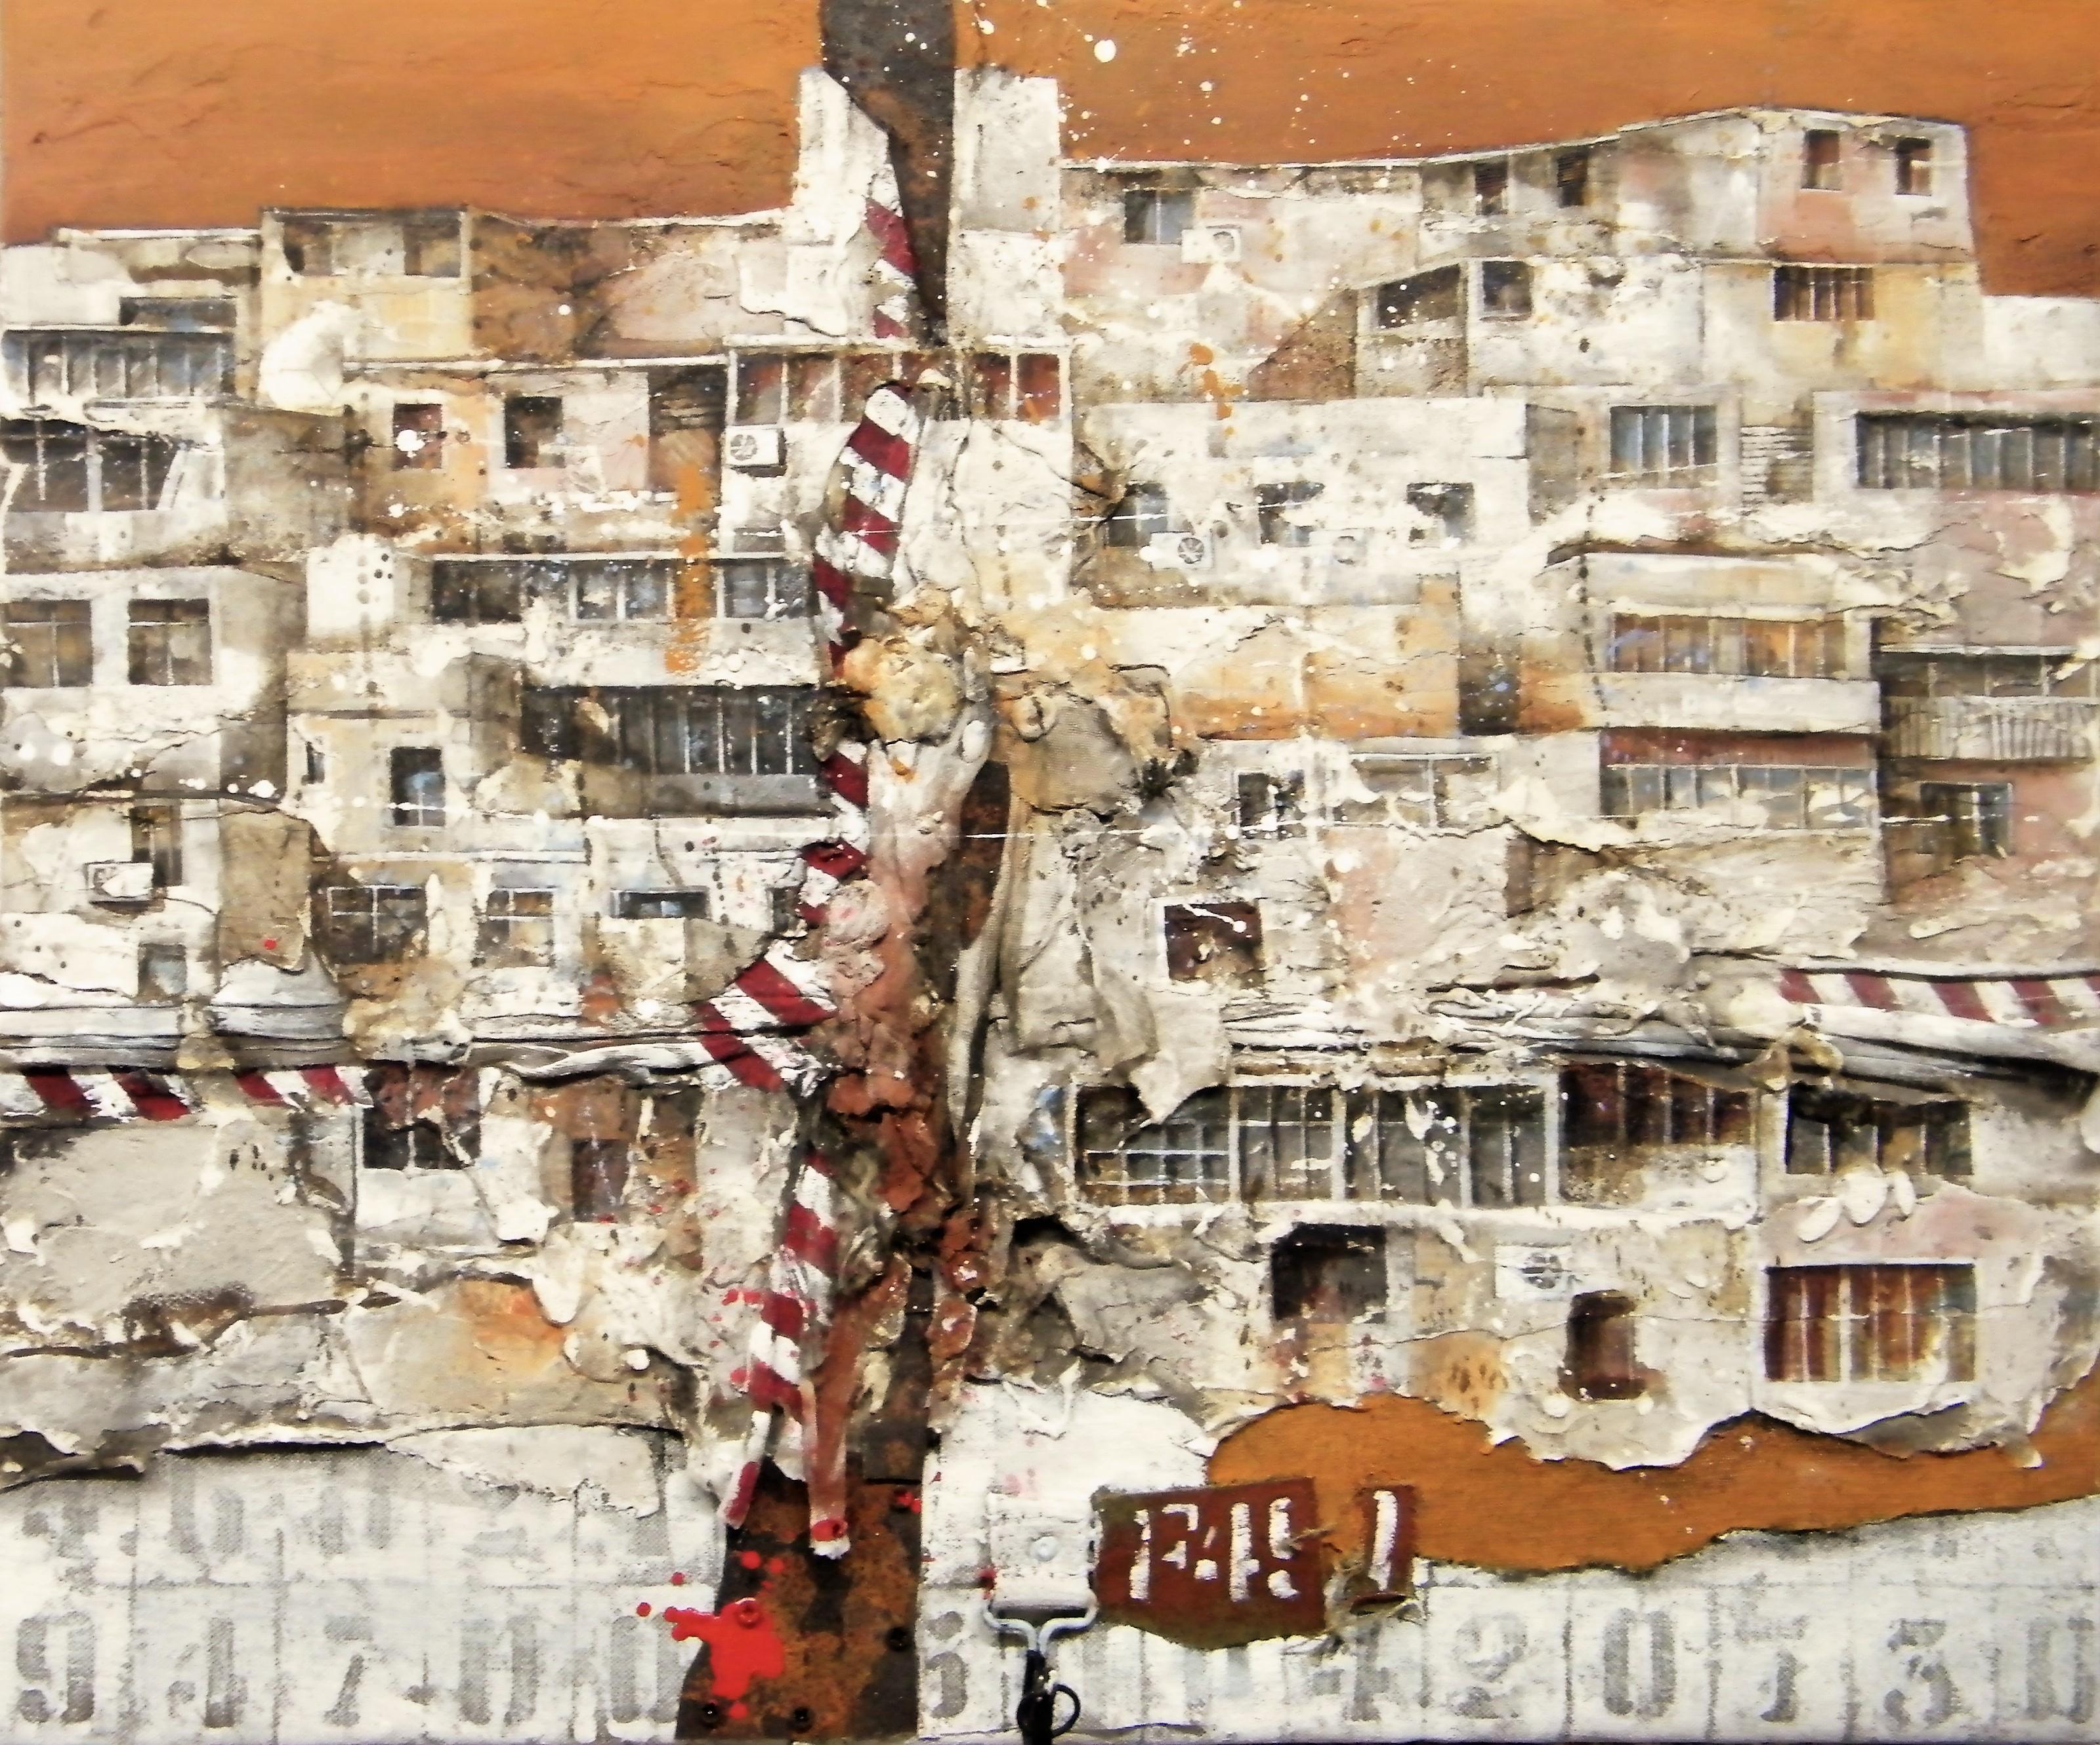 2017 distopia mediorientale-Sirte cm.50x60